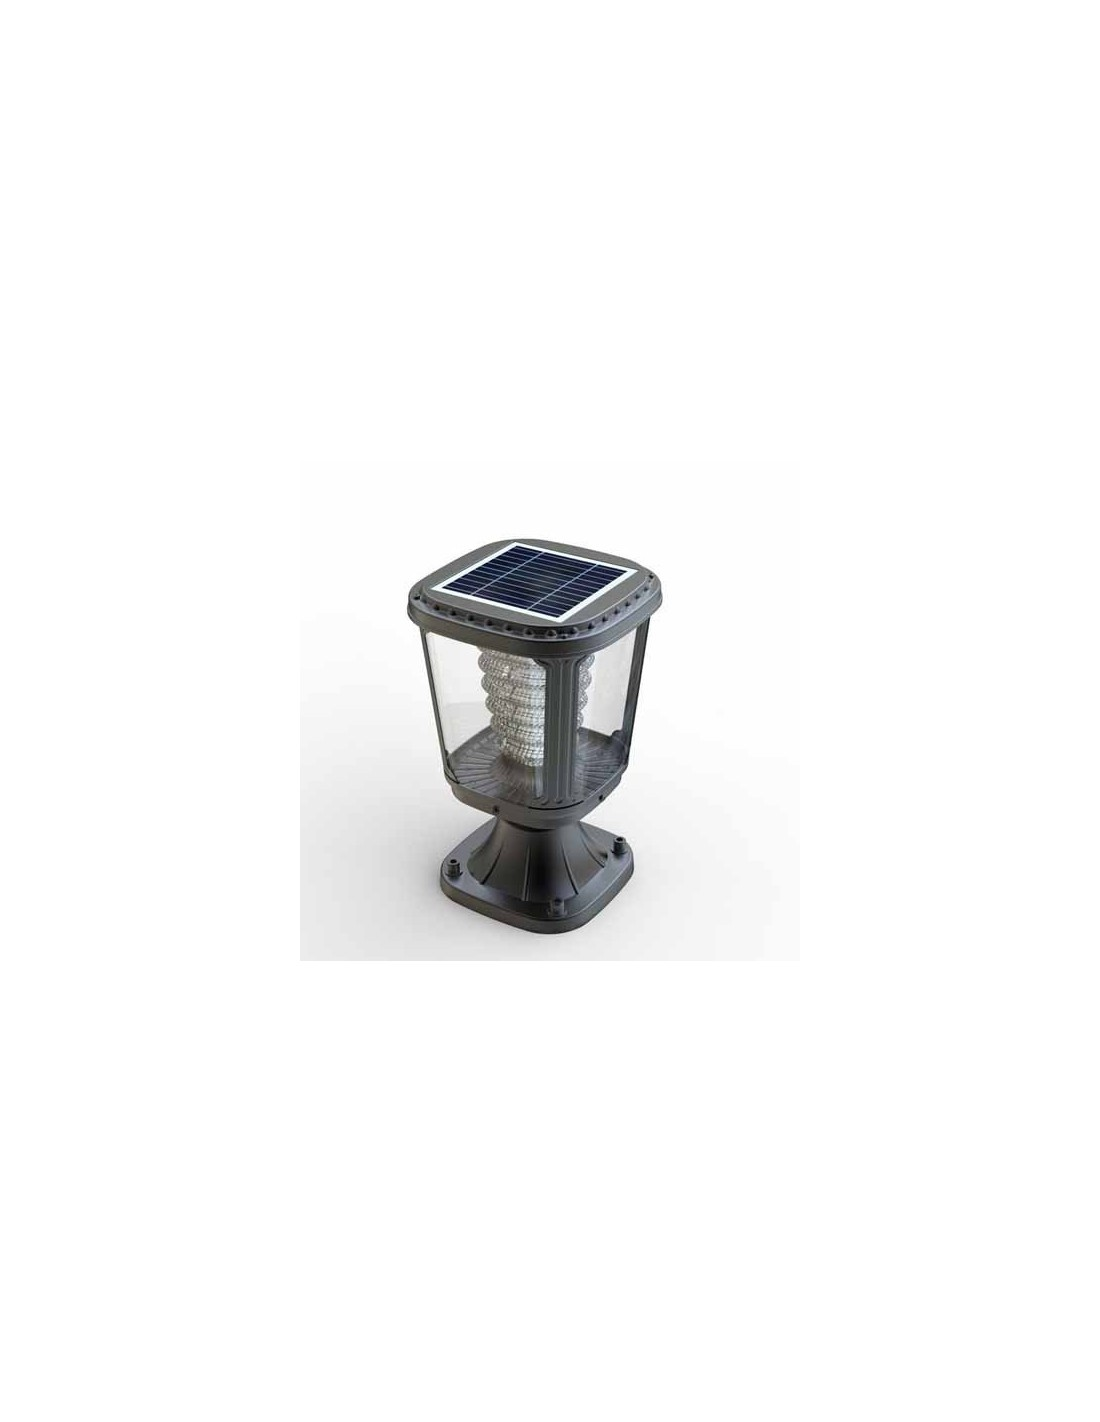 Lampada da esterno a led ad energia solare 3000K Lanterna Pannello Fotovoltaico